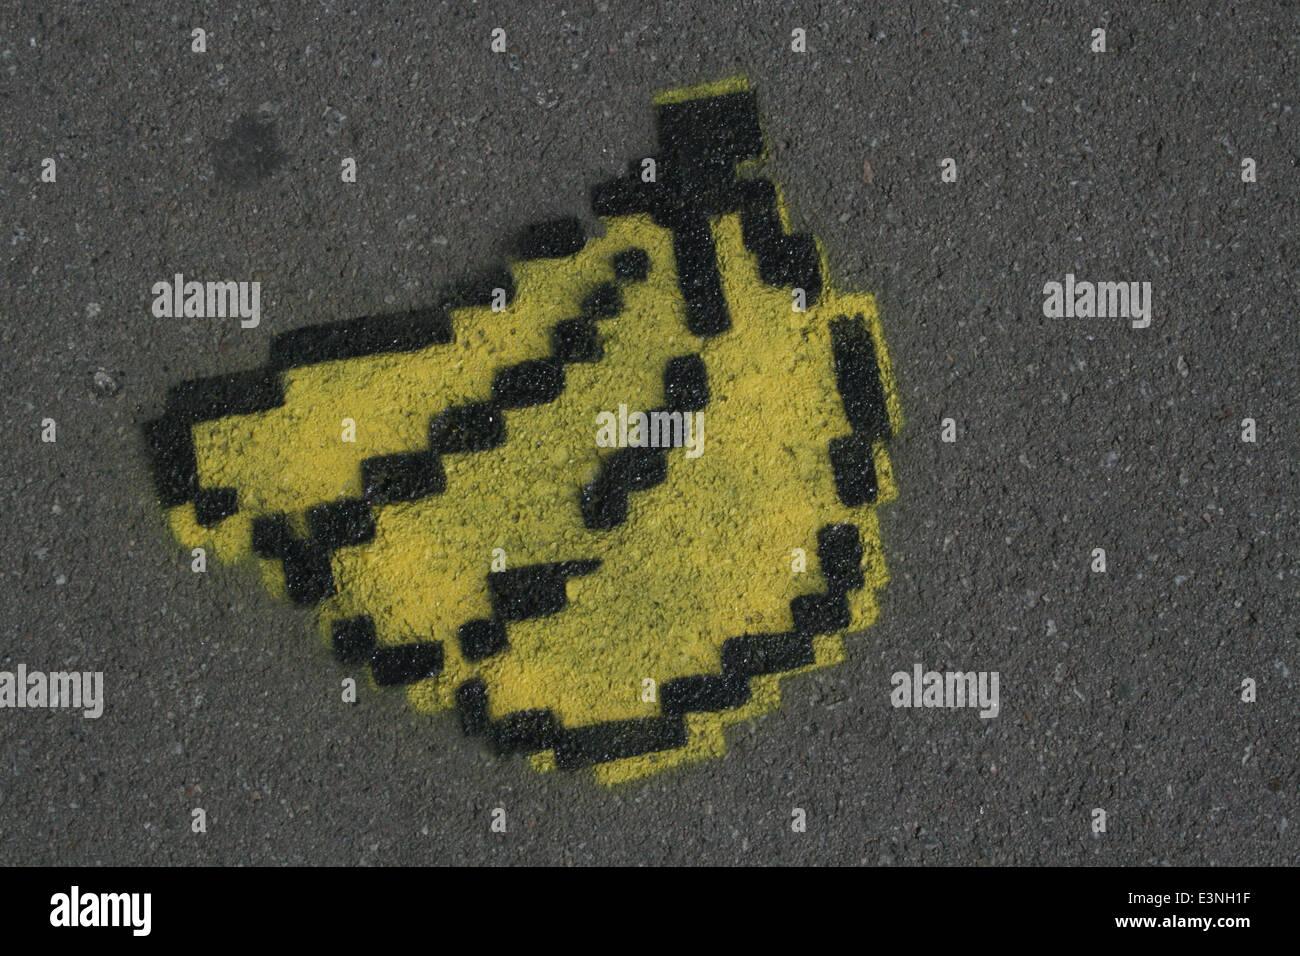 Grafitti Banane - Stock Image